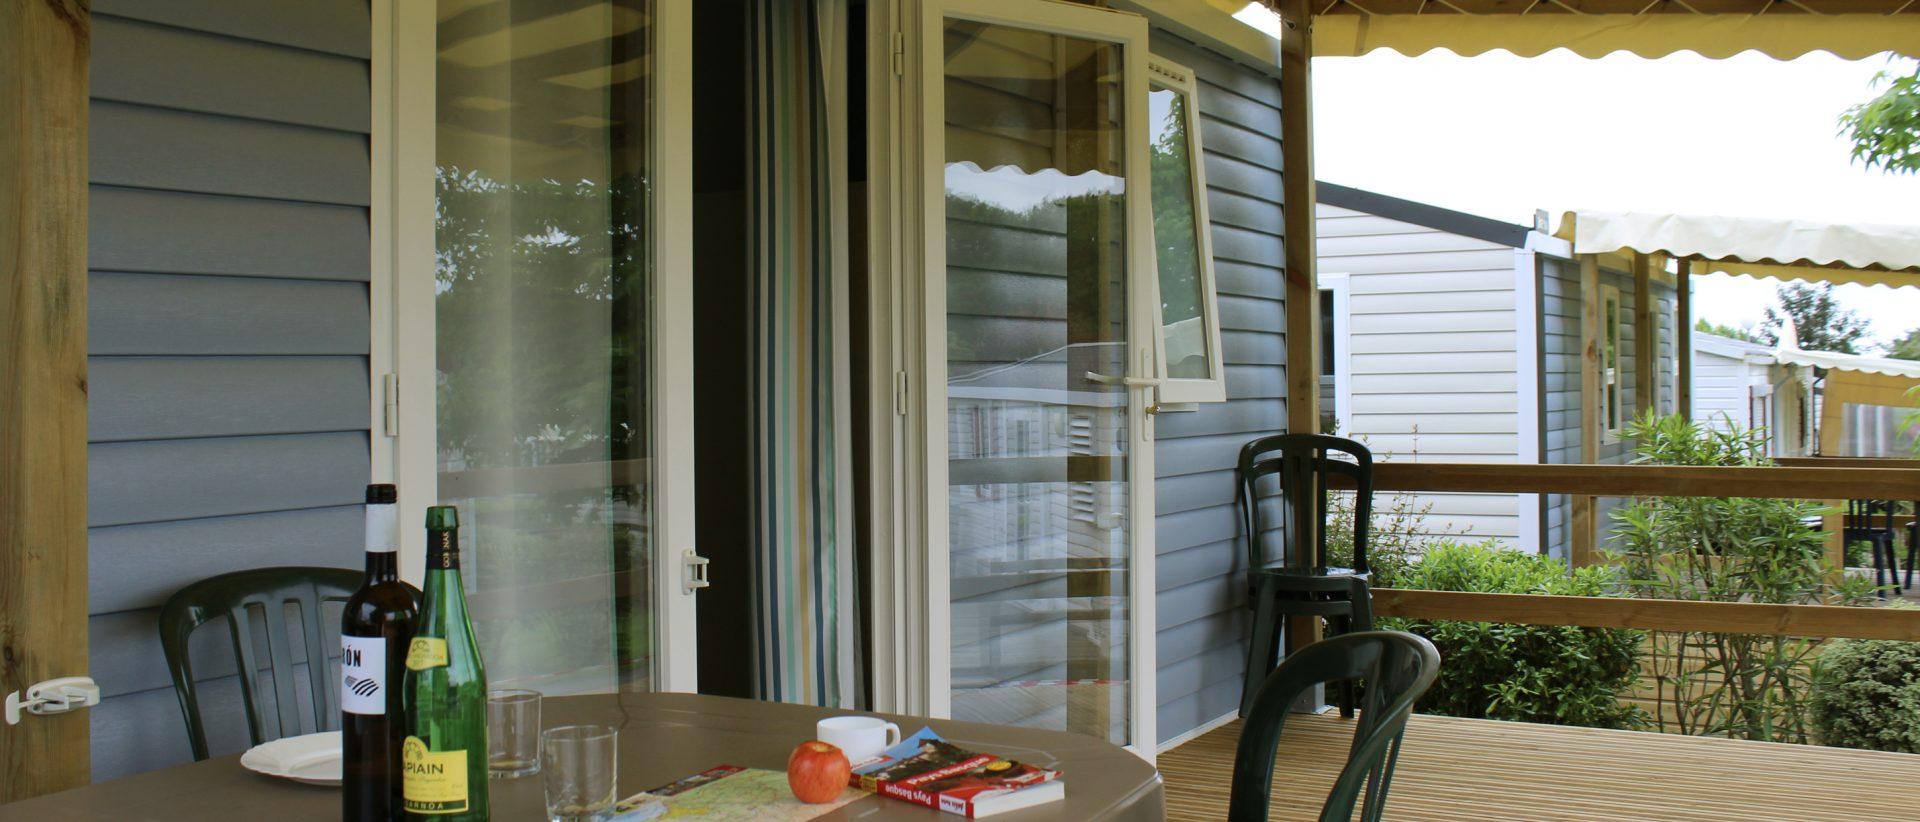 Camping Eskualduna : Slider Titania Premium3